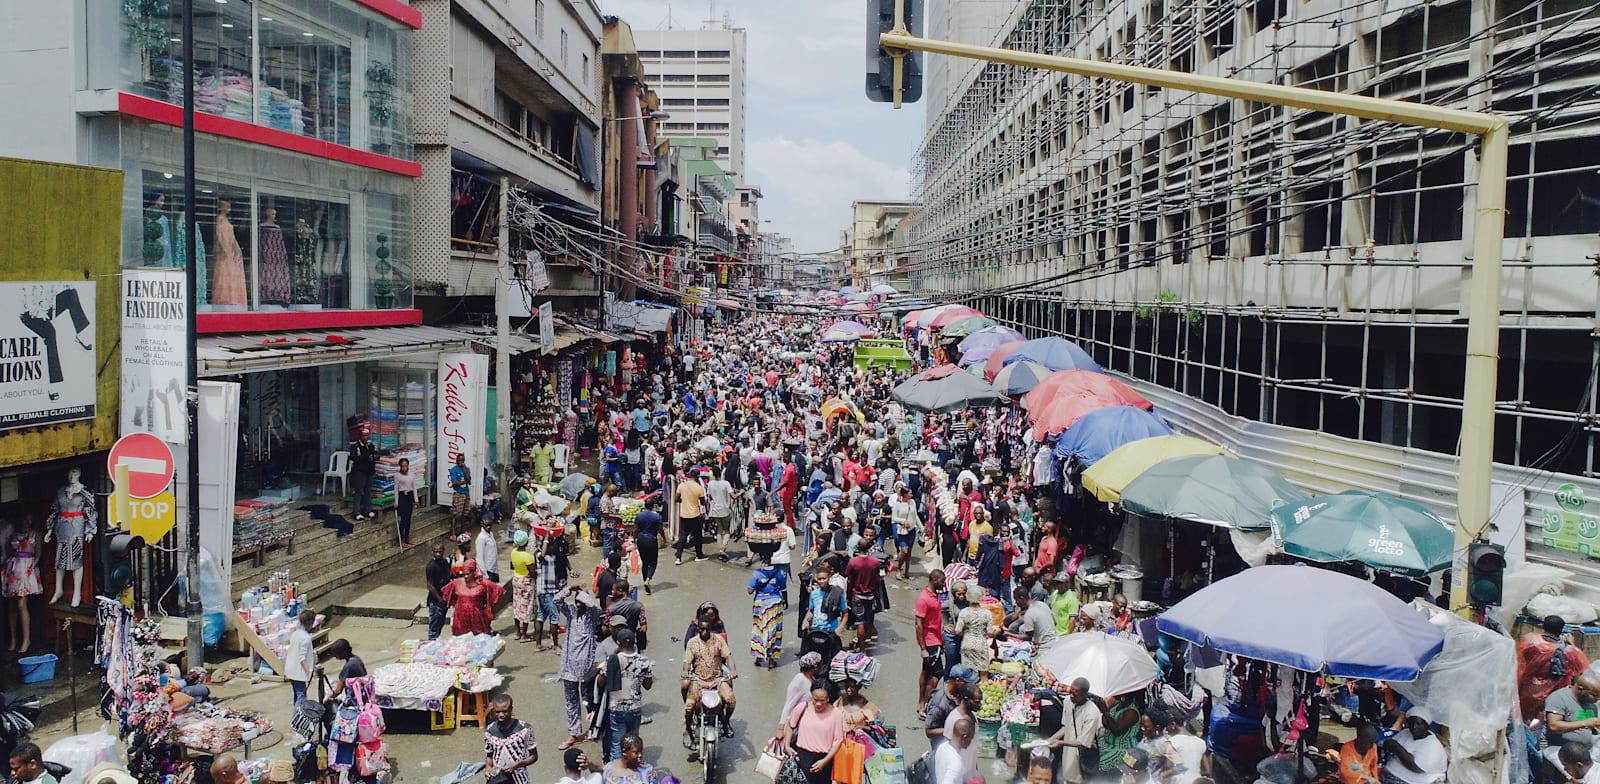 אינפלציה ורמות חוב גבוהות מאיימות על מדינות מתפתחות רבות. שוק בלגוס, ניגריה / צילום: Shutterstock, yemiboww